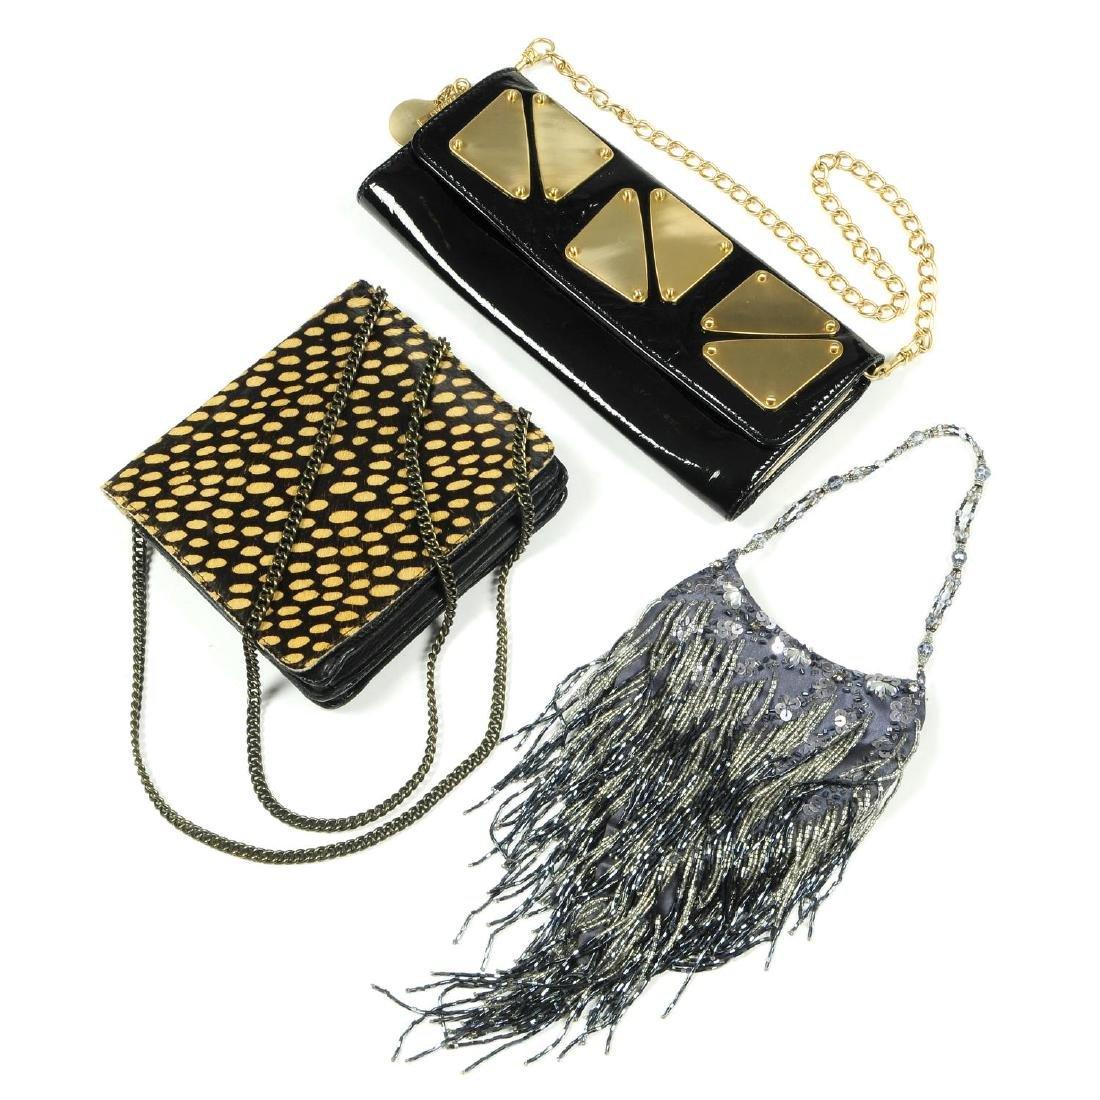 Five evening bags. To include a black Karen Millen